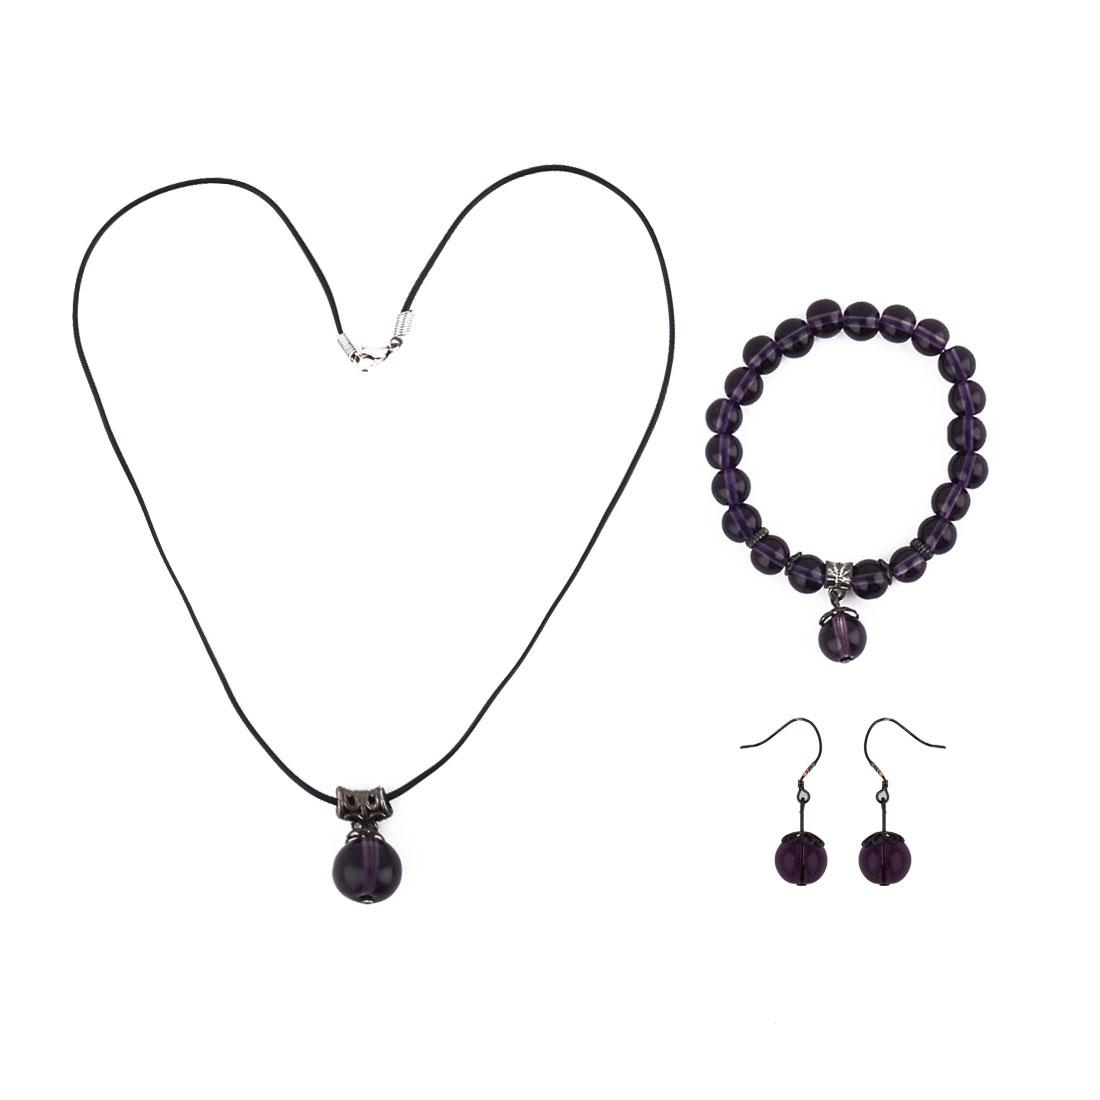 Women Plastic Beads Design Necklace Bracelet Bangle Hook Earrings Set 3 in 1 Purple